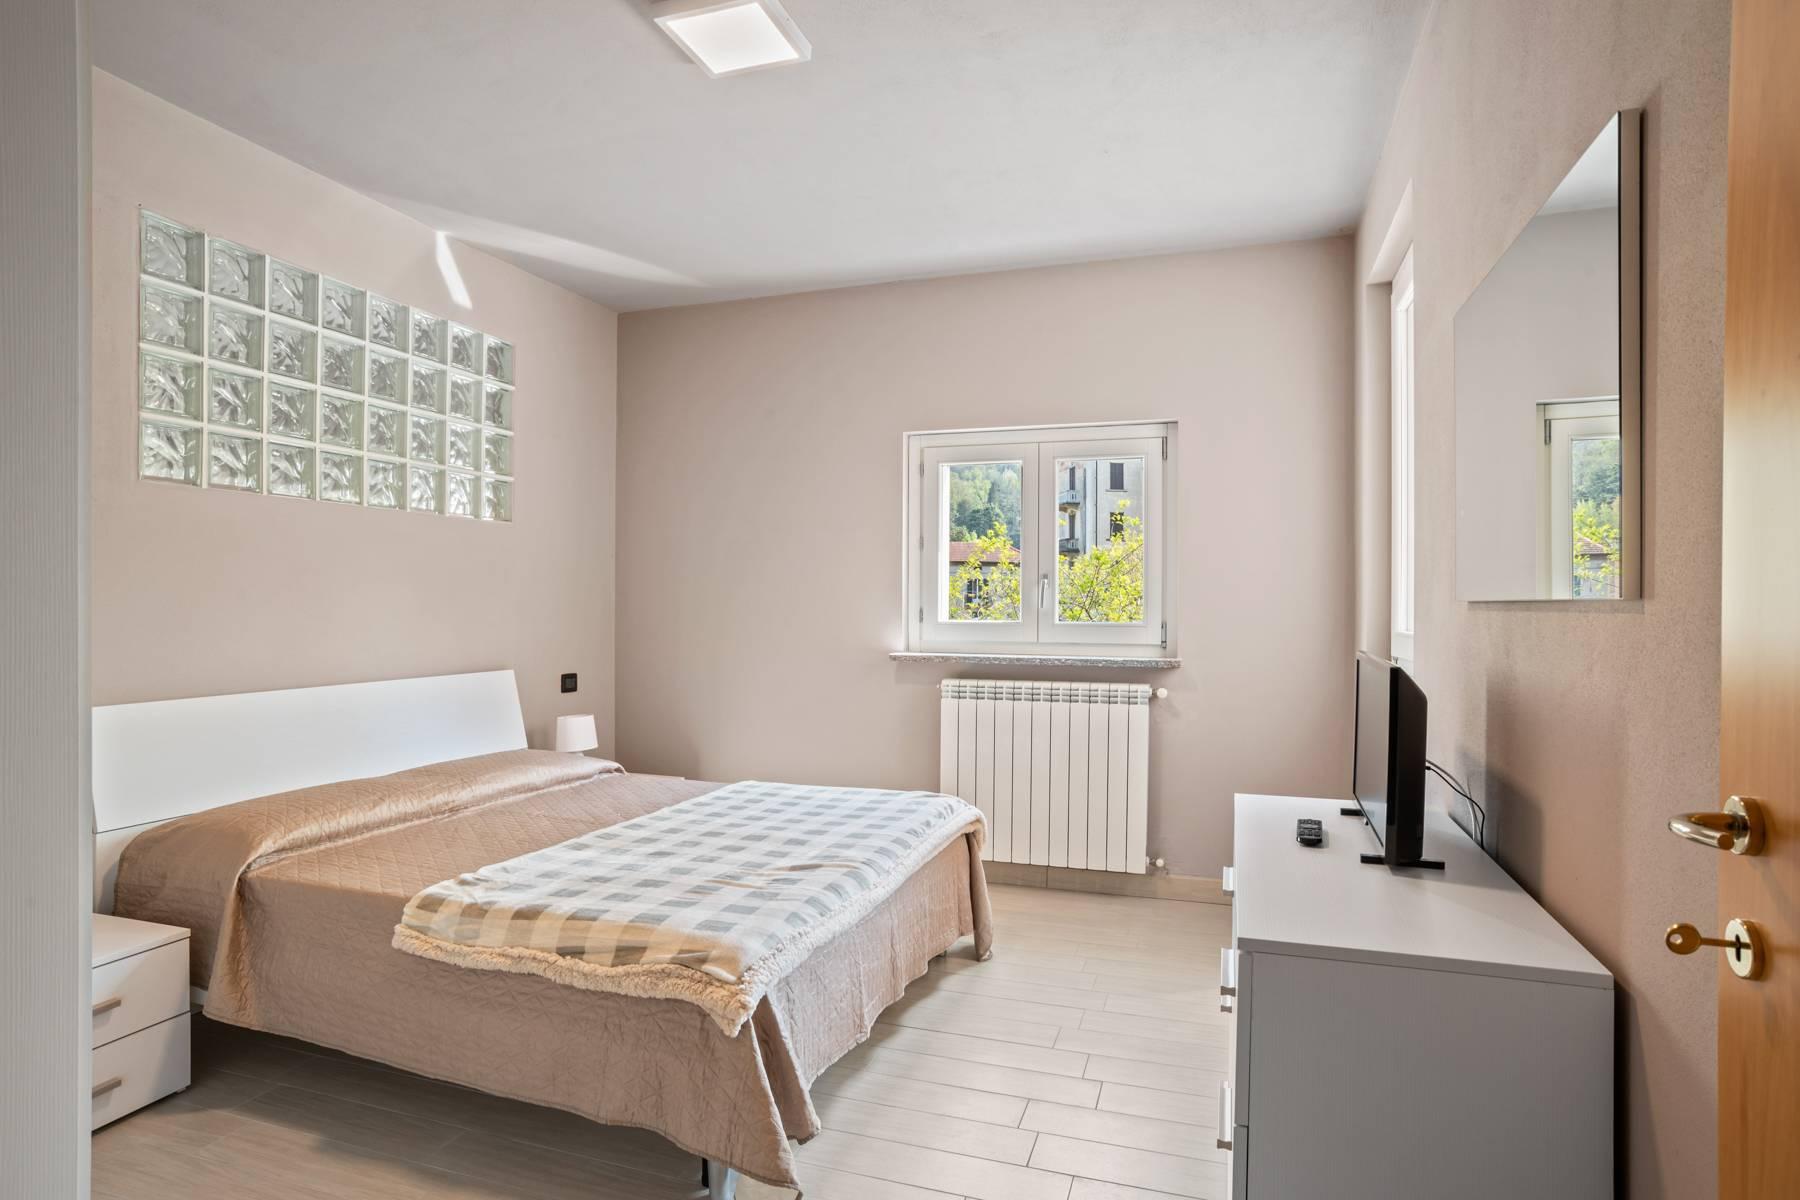 Appartamento in Vendita a Castelveccana: 3 locali, 108 mq - Foto 5